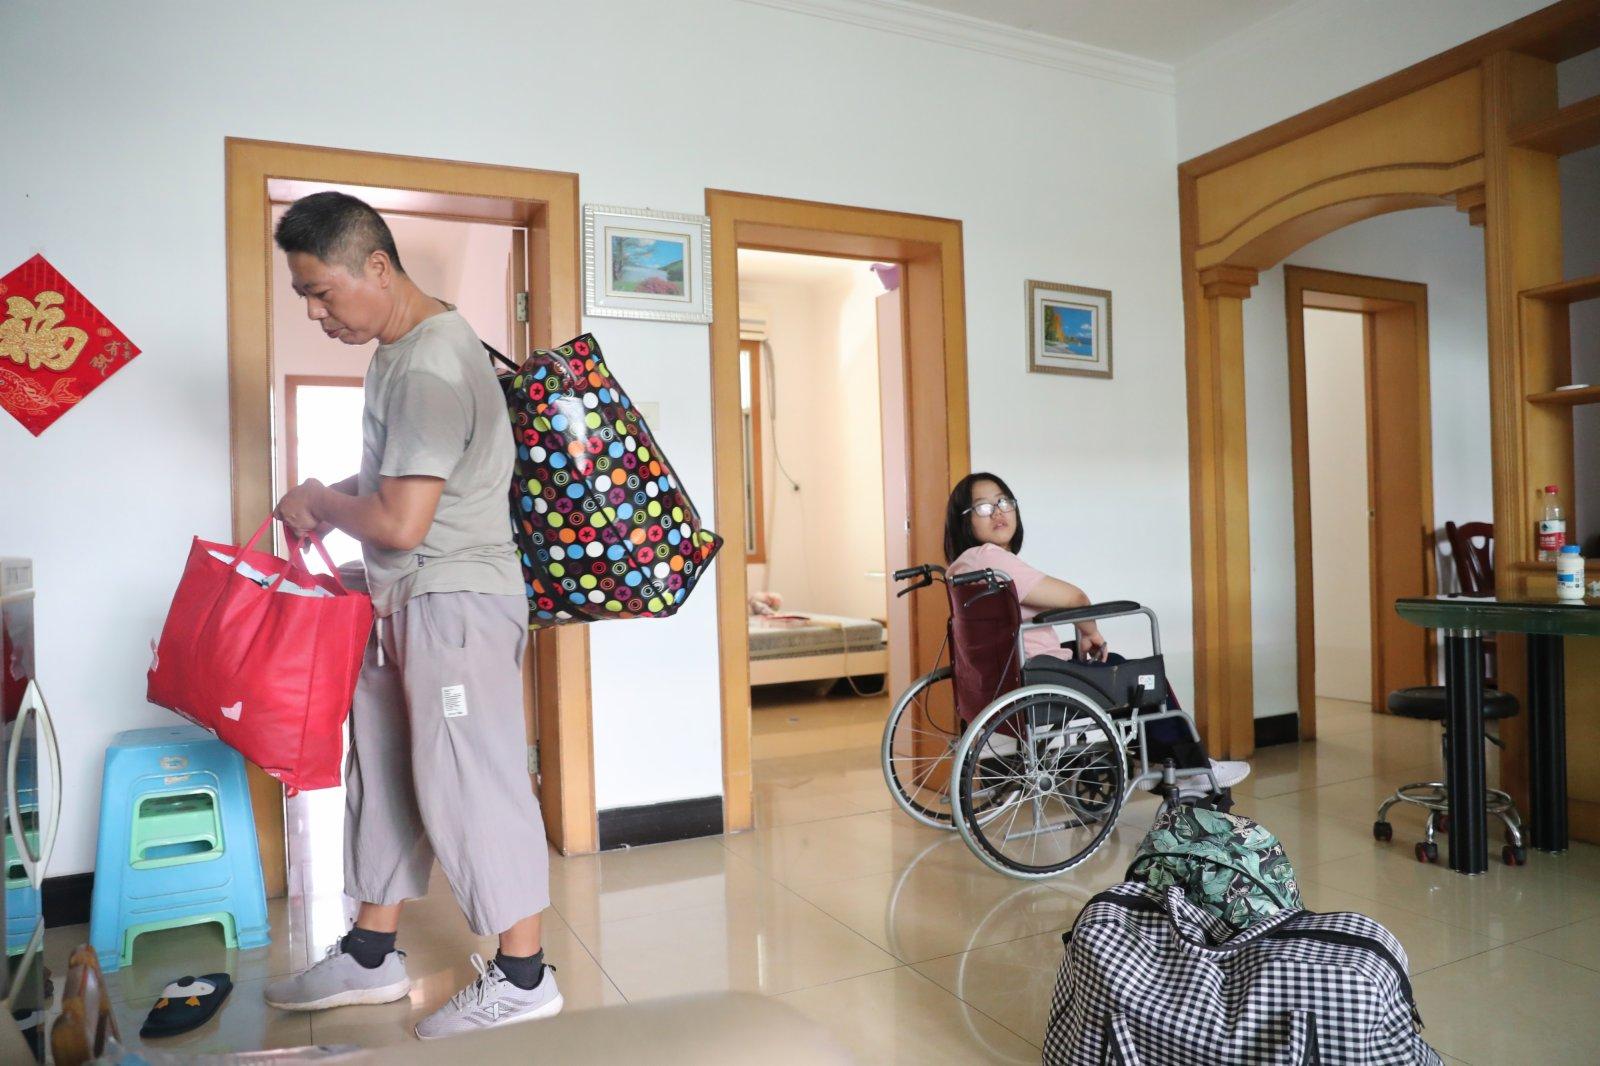 9月1日,謝培軍在家中整理女兒的生活用品,準備趕往學校報到。(新華社)